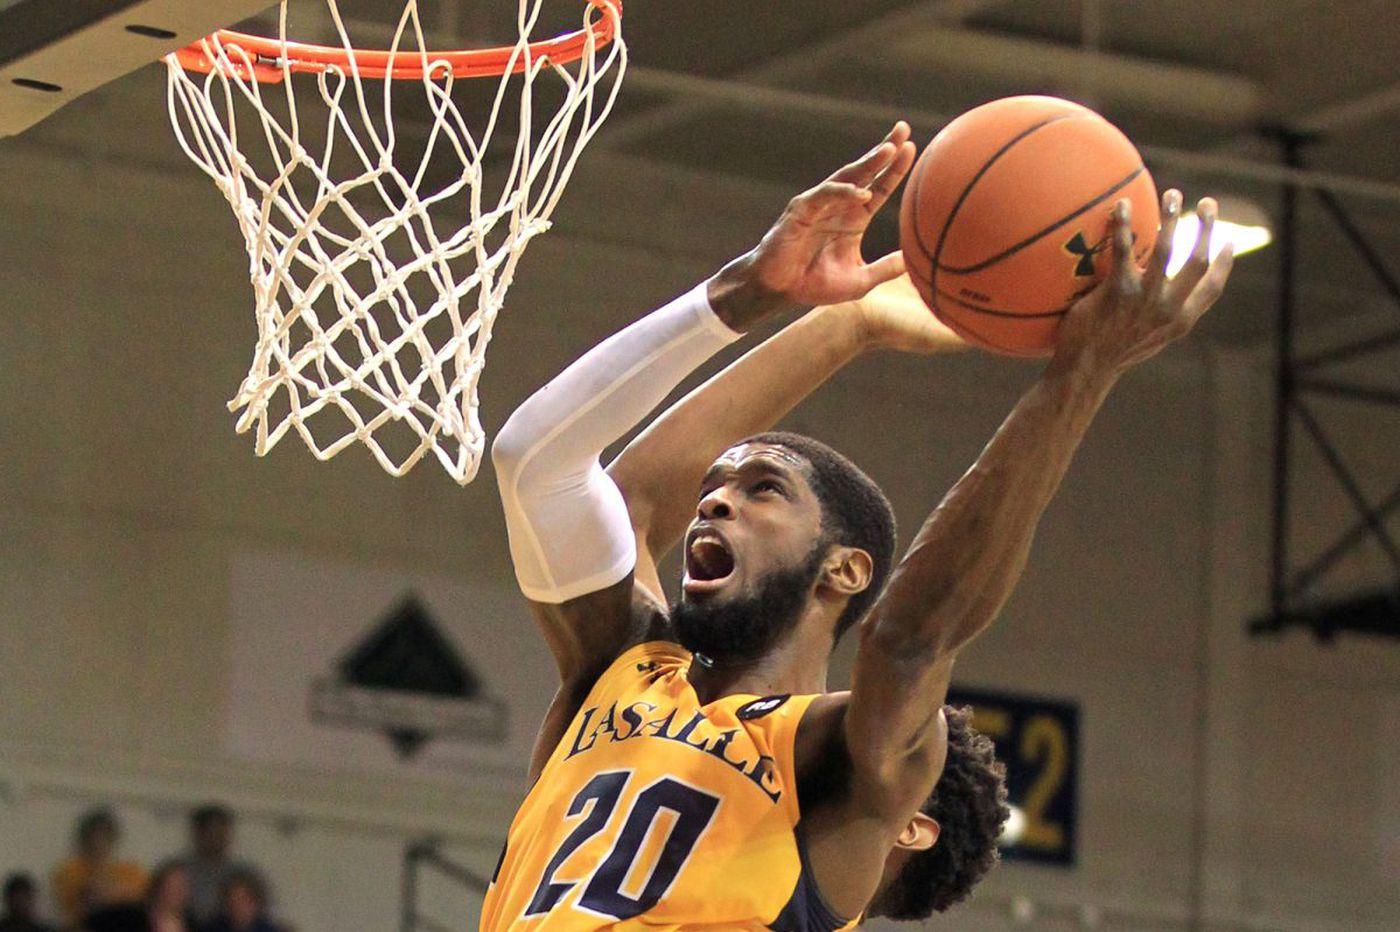 Johnson leads La Salle over Dayton on Senior Night